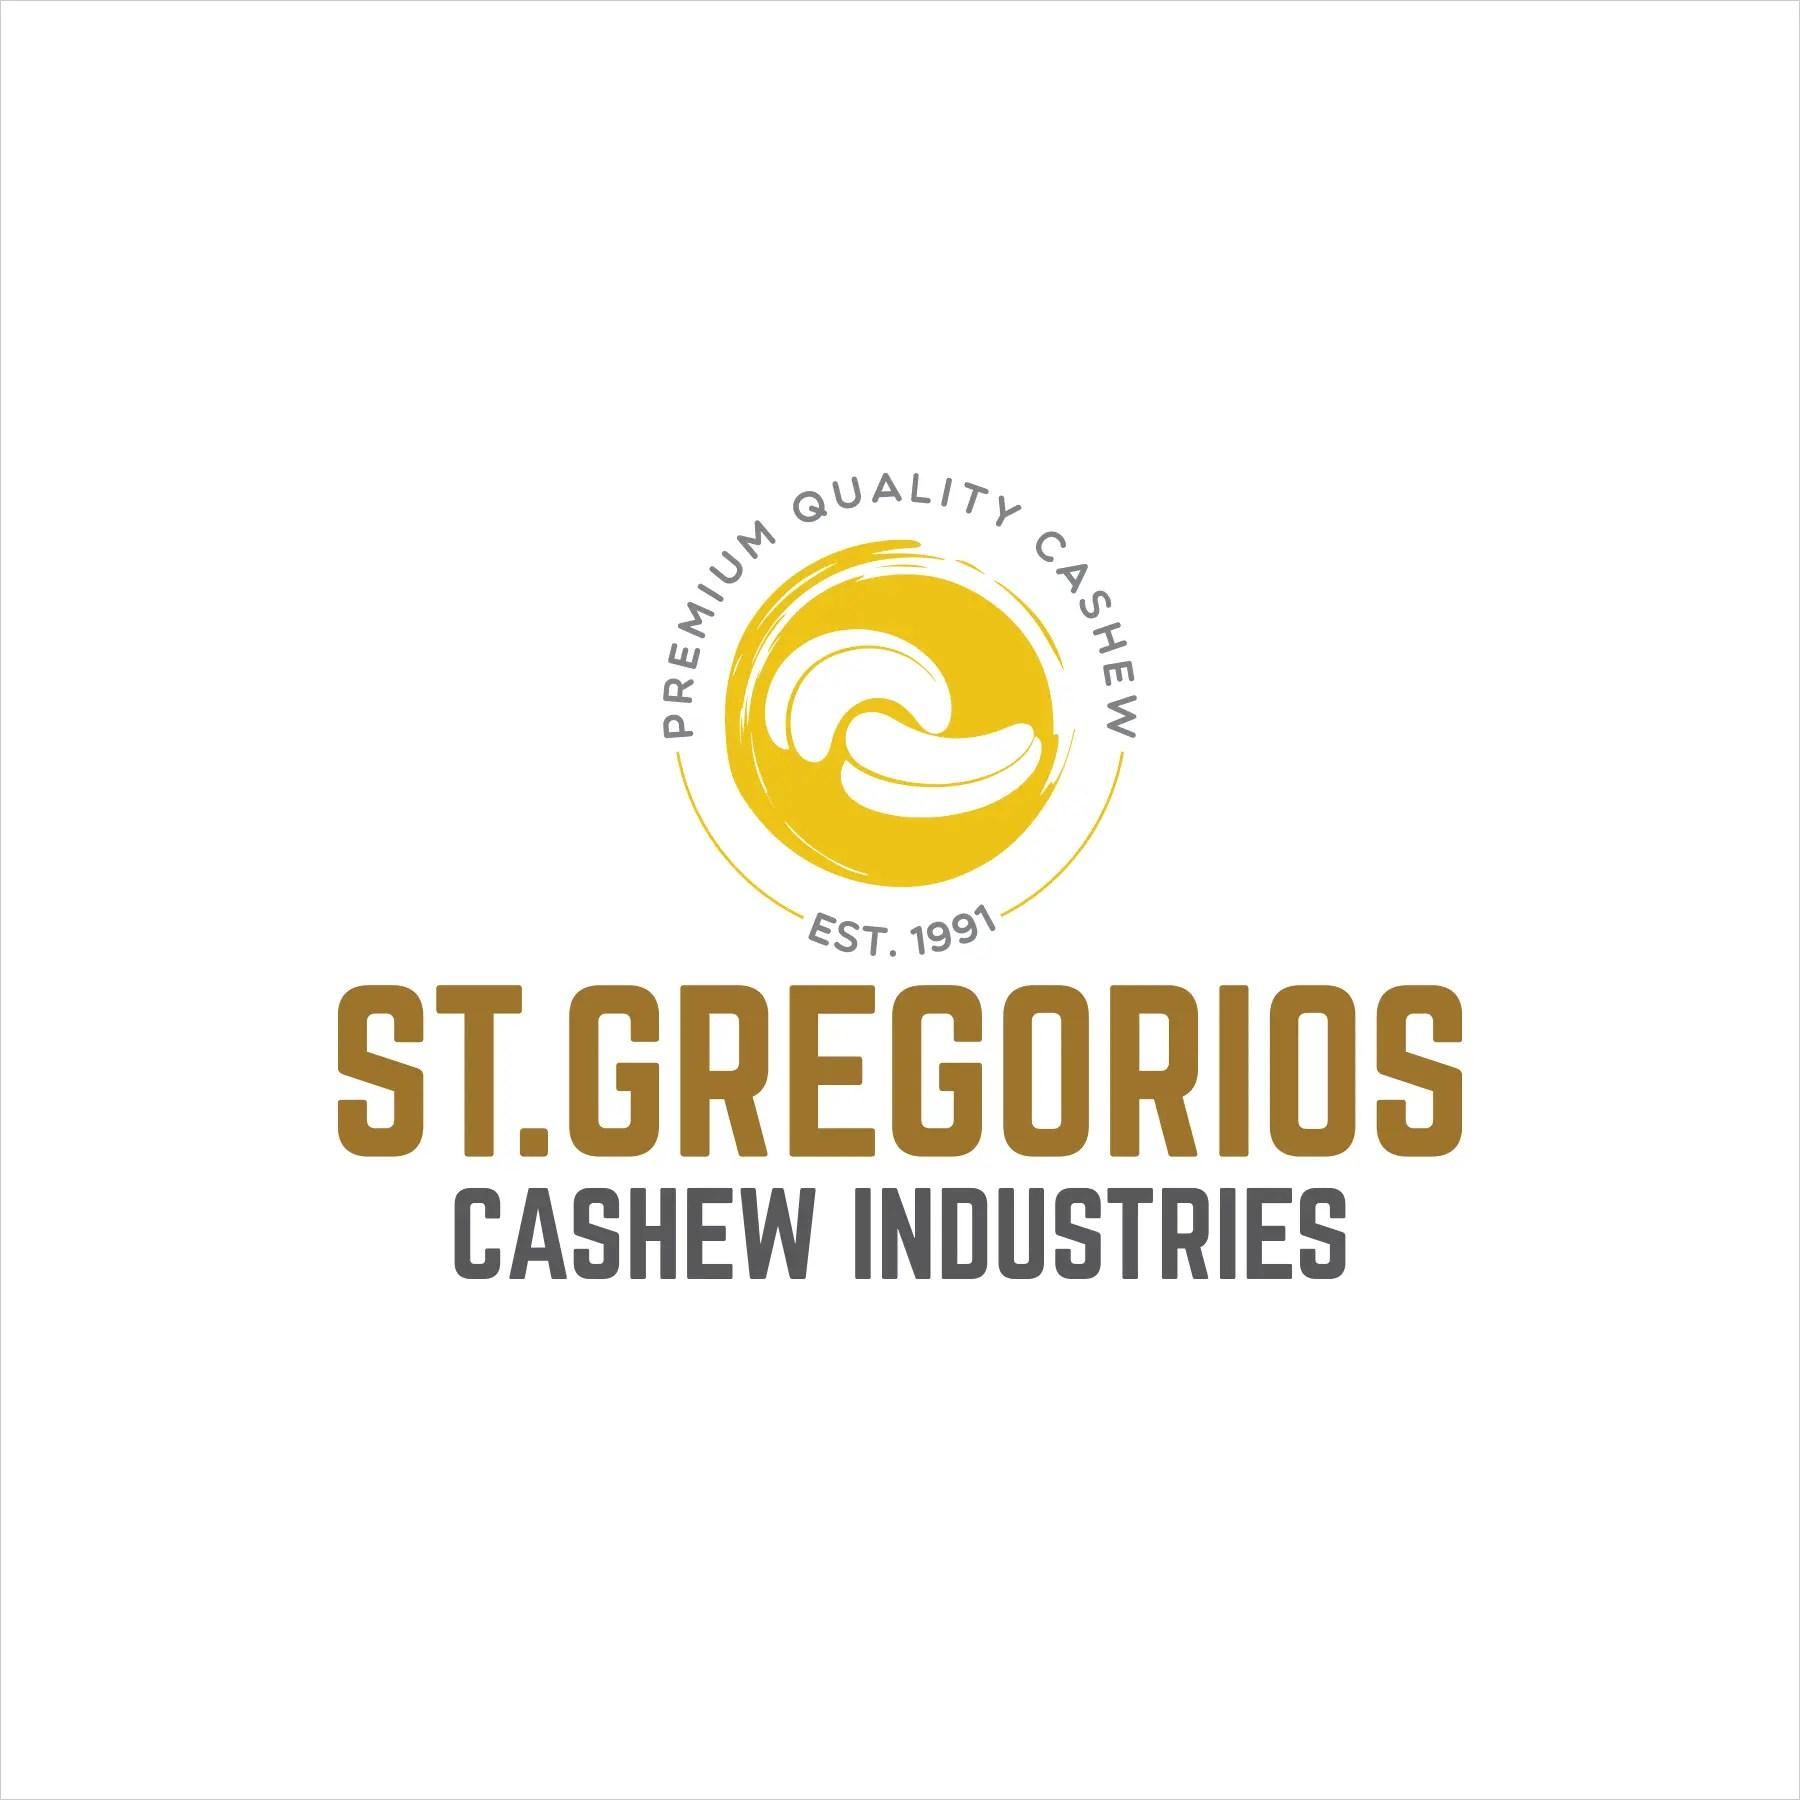 St. Gregorios Cashew Industries